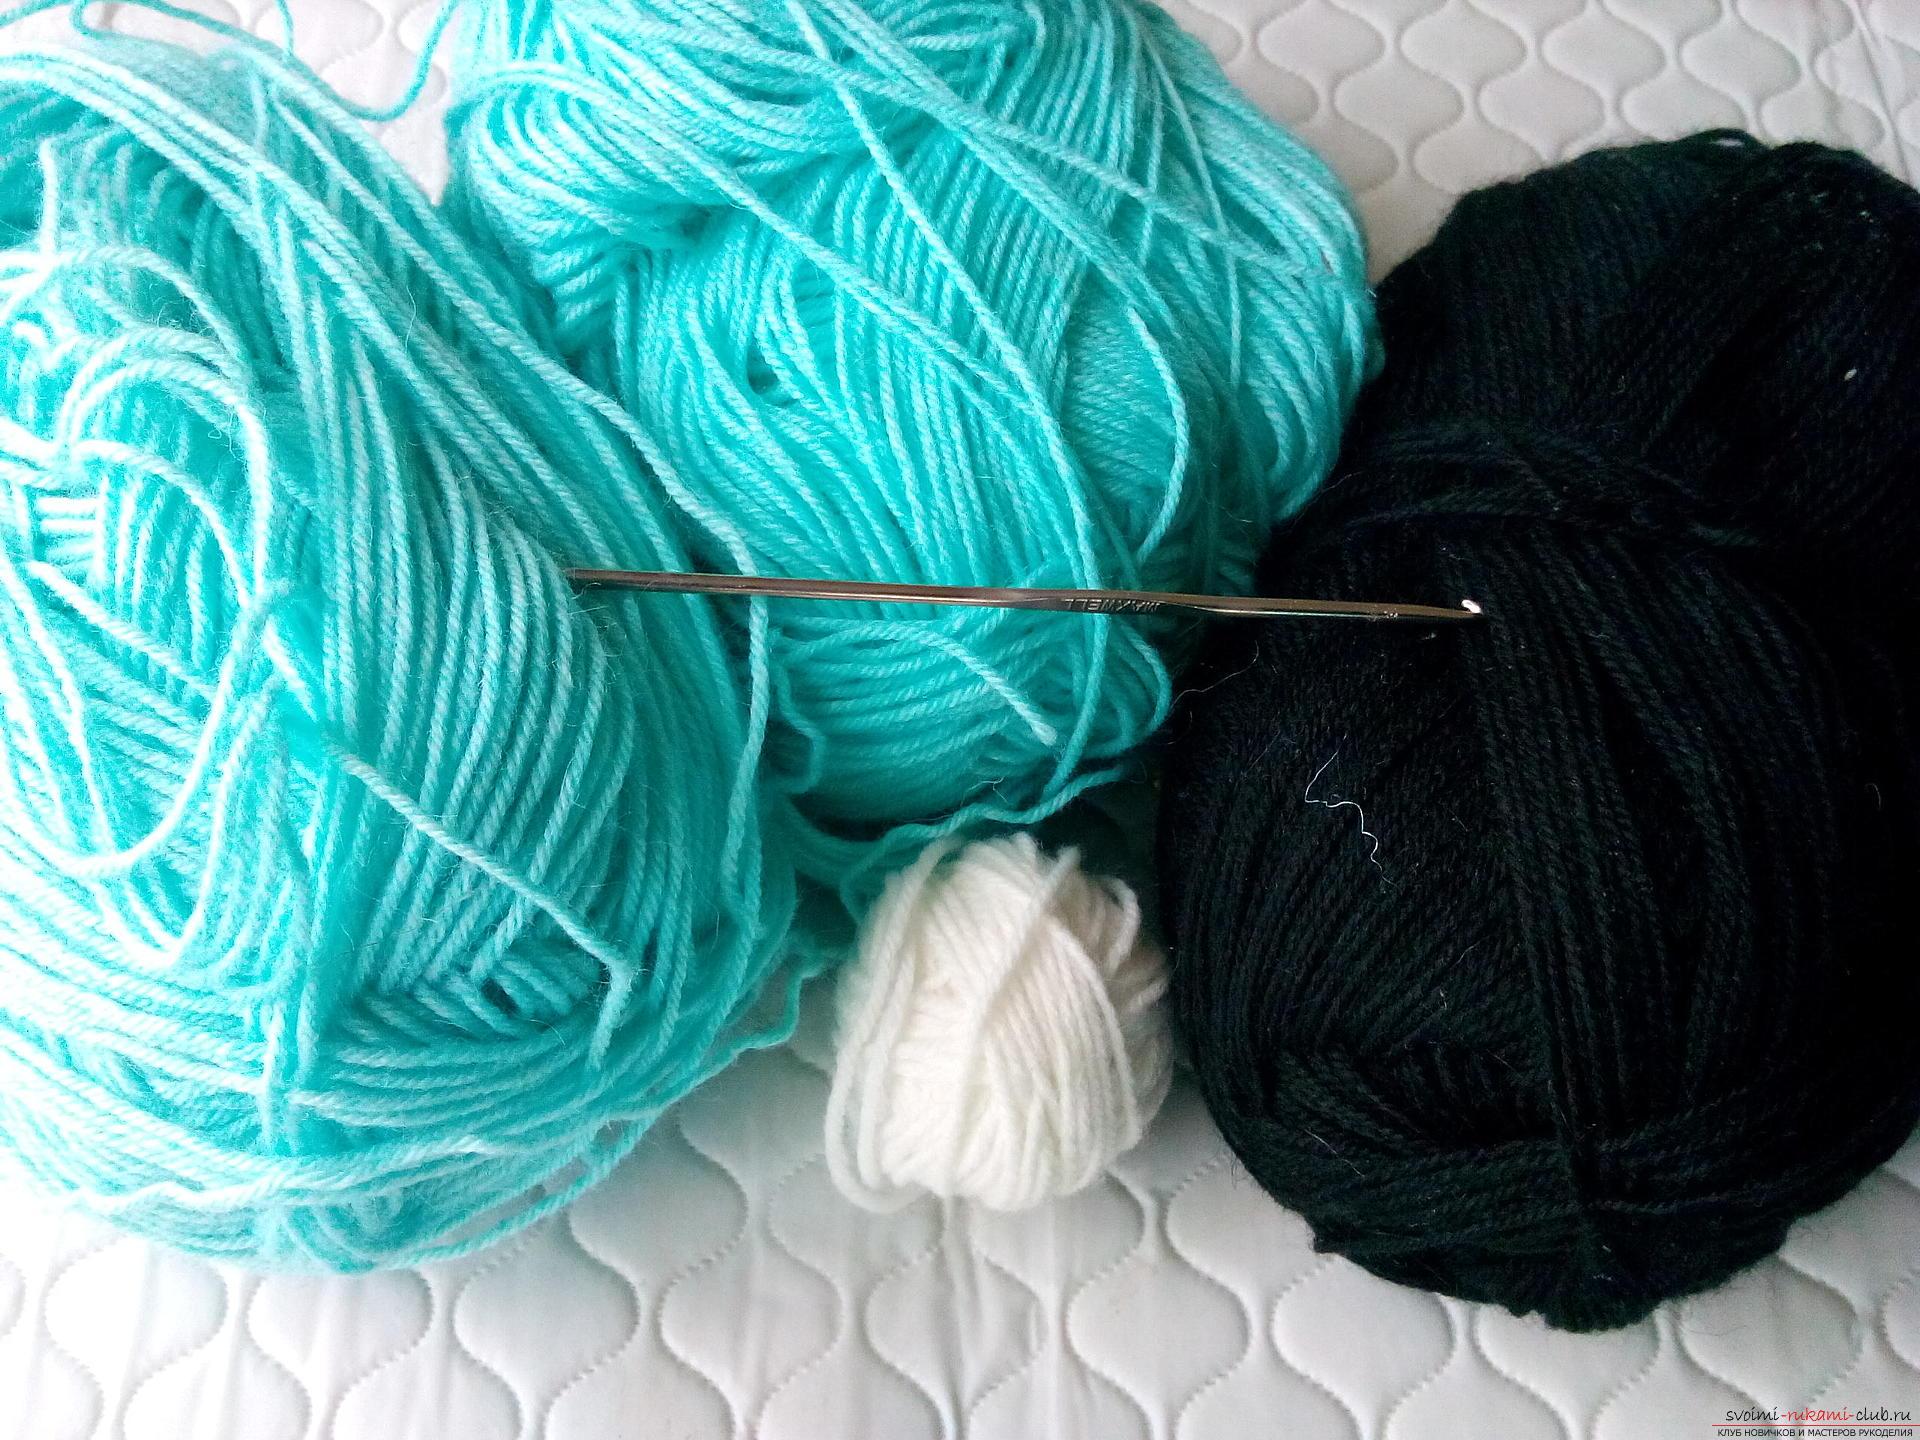 Подробно описание и снимка на комплекта за плетене на една кука за момчето от шапката и шалчето. Снимка №1